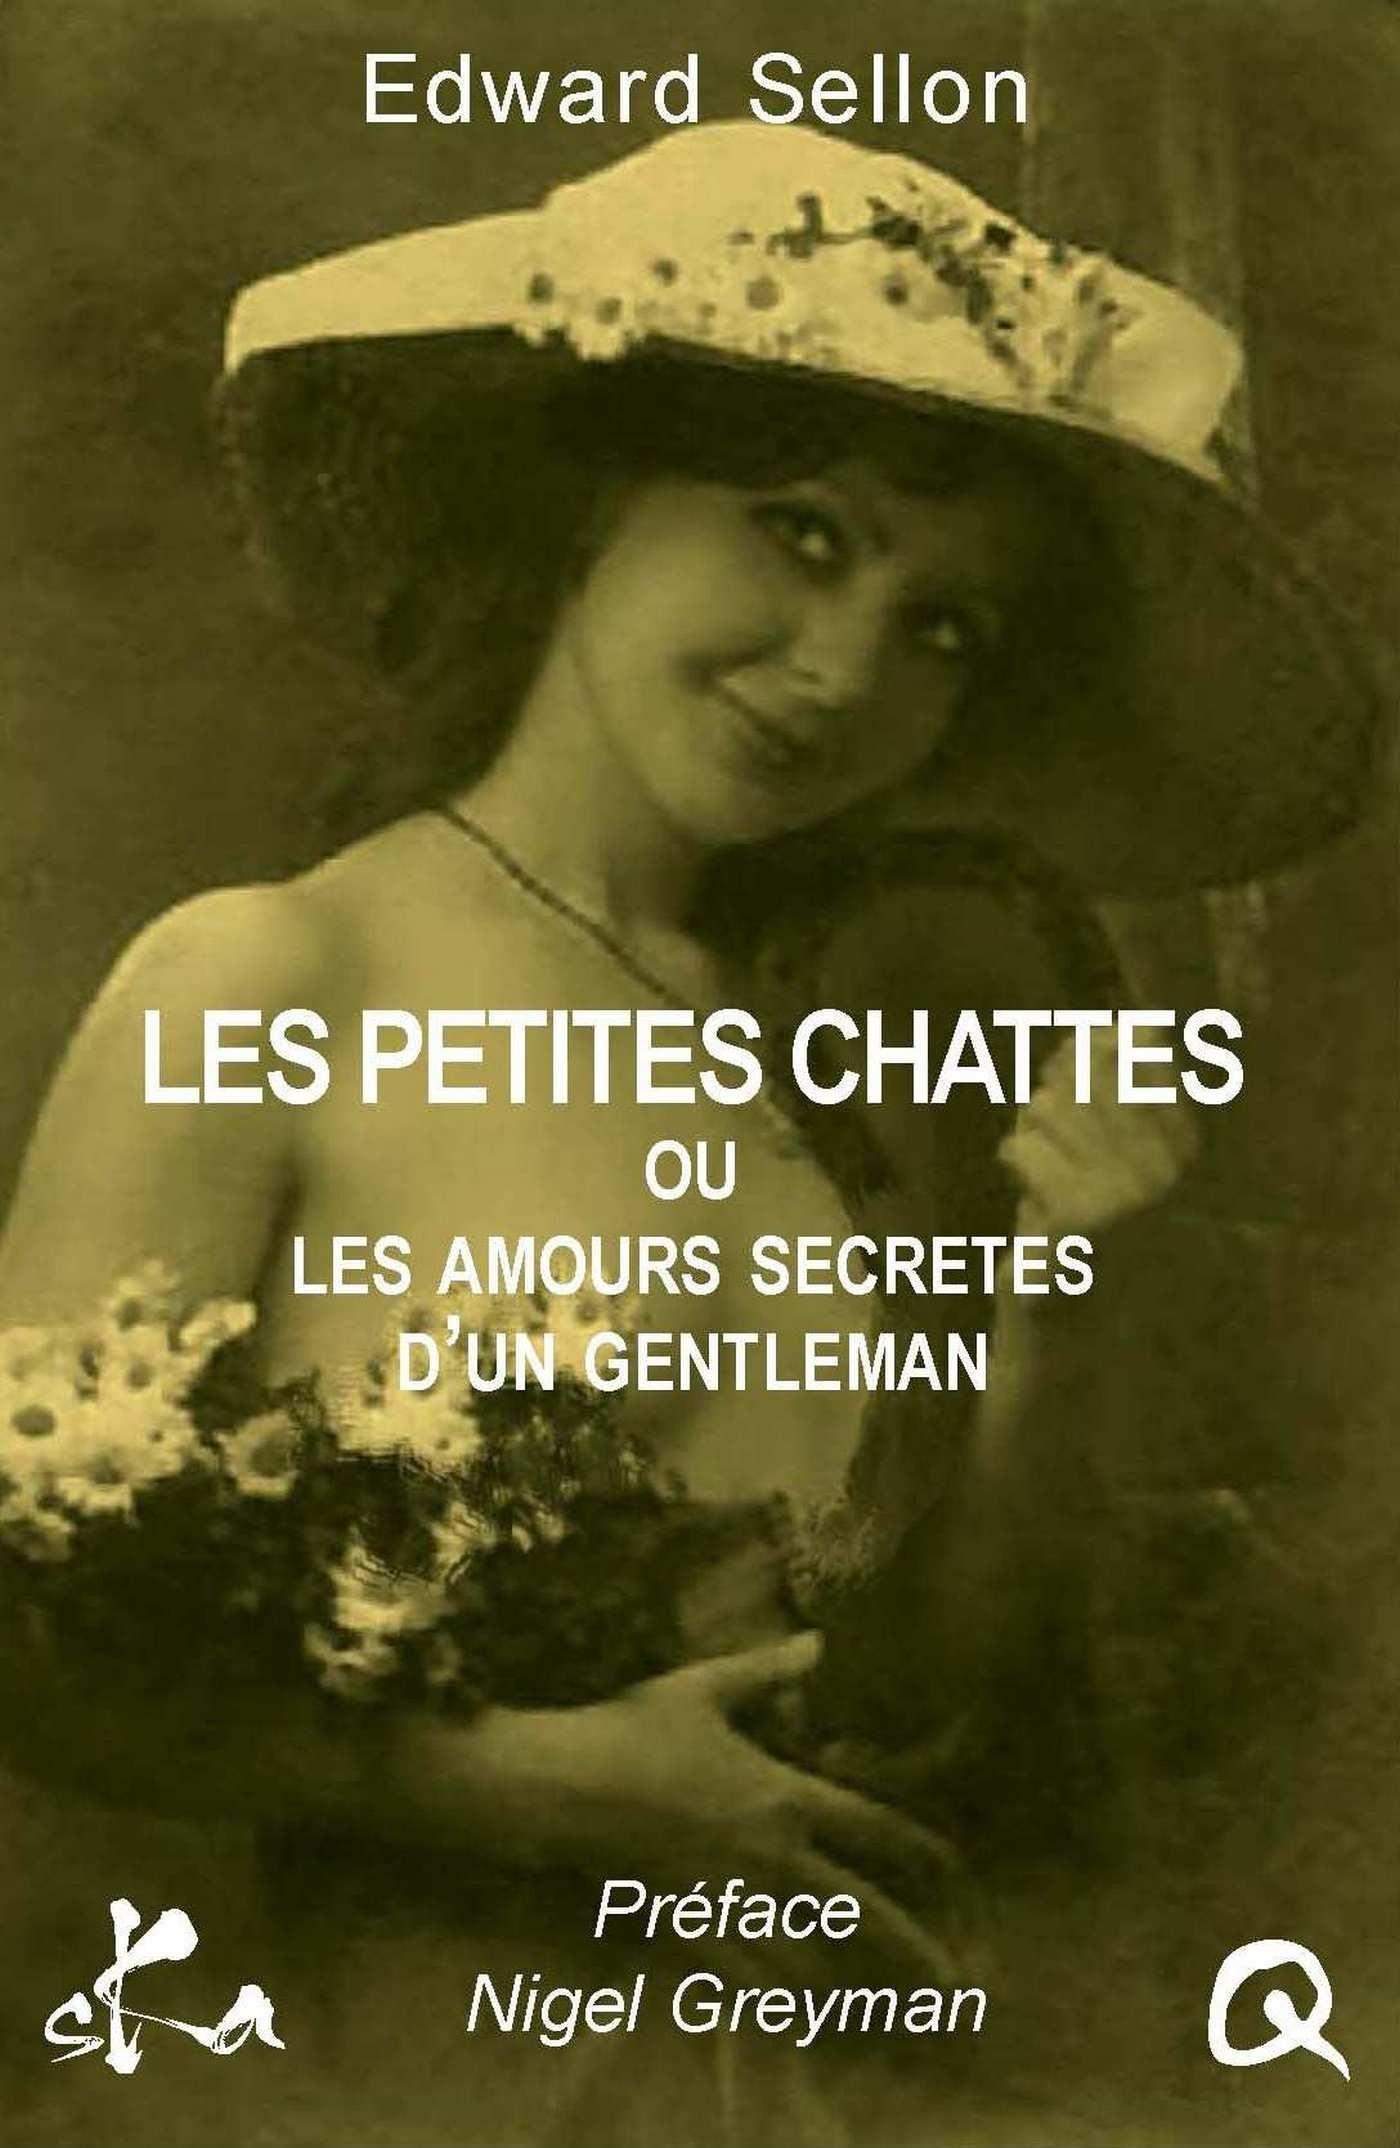 Les petites chattes ou Les amours secrètes d'un gentleman